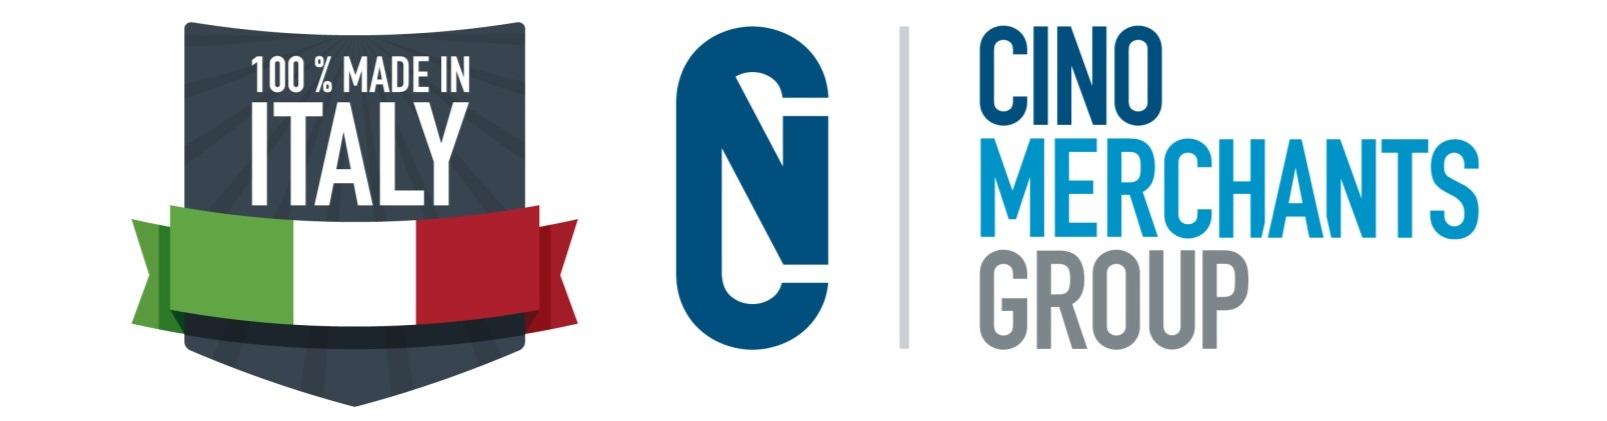 Cino-cmg-logo